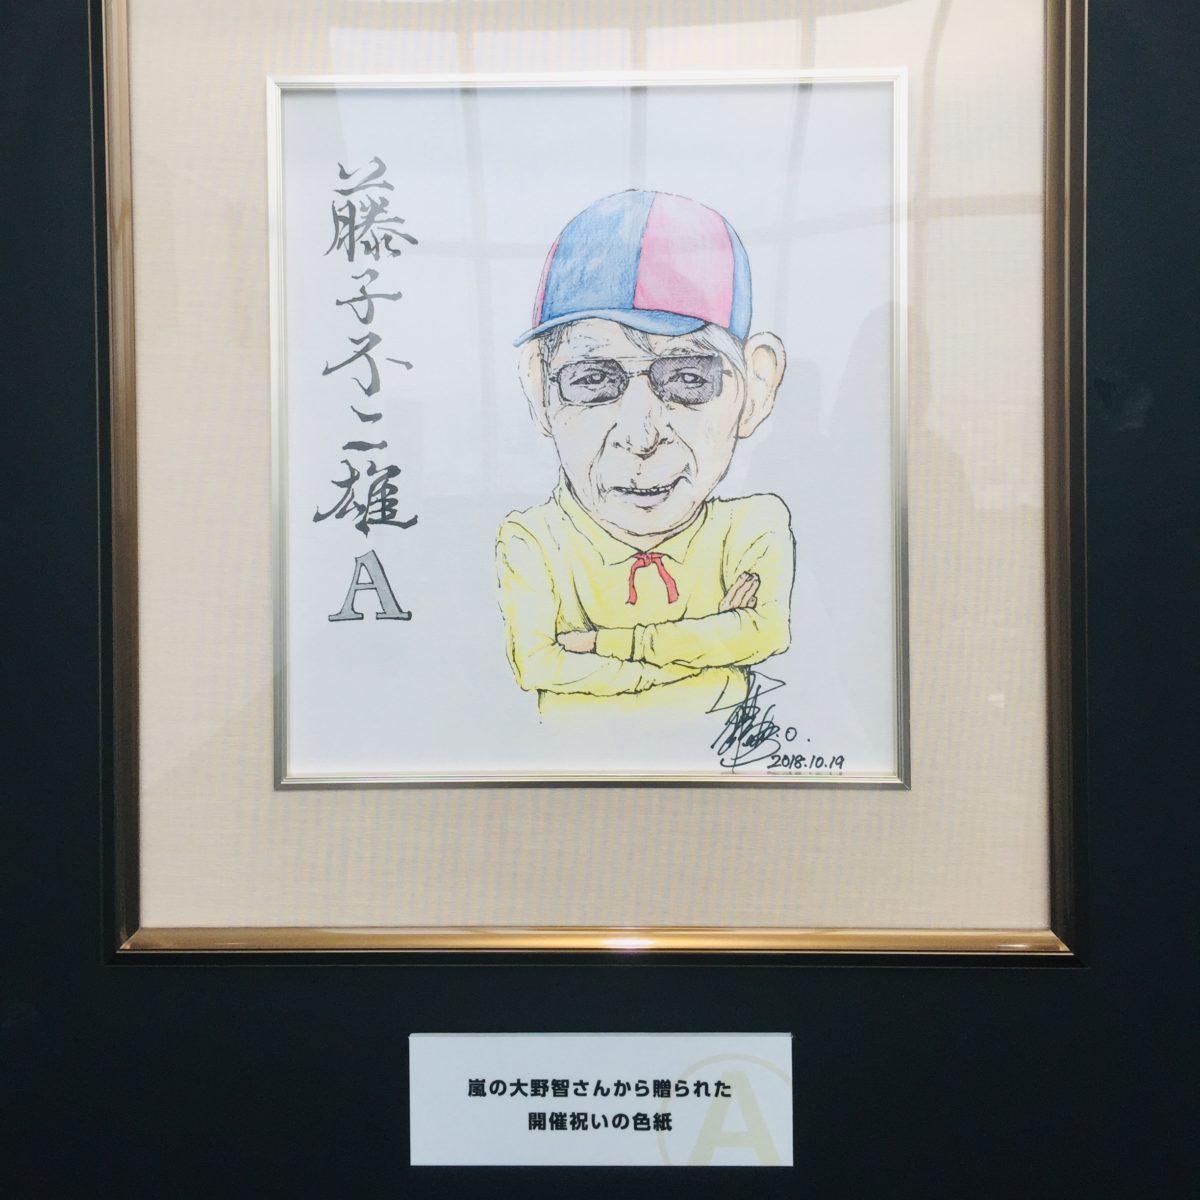 「藤子不二雄Ⓐ展」での大野智による似顔絵